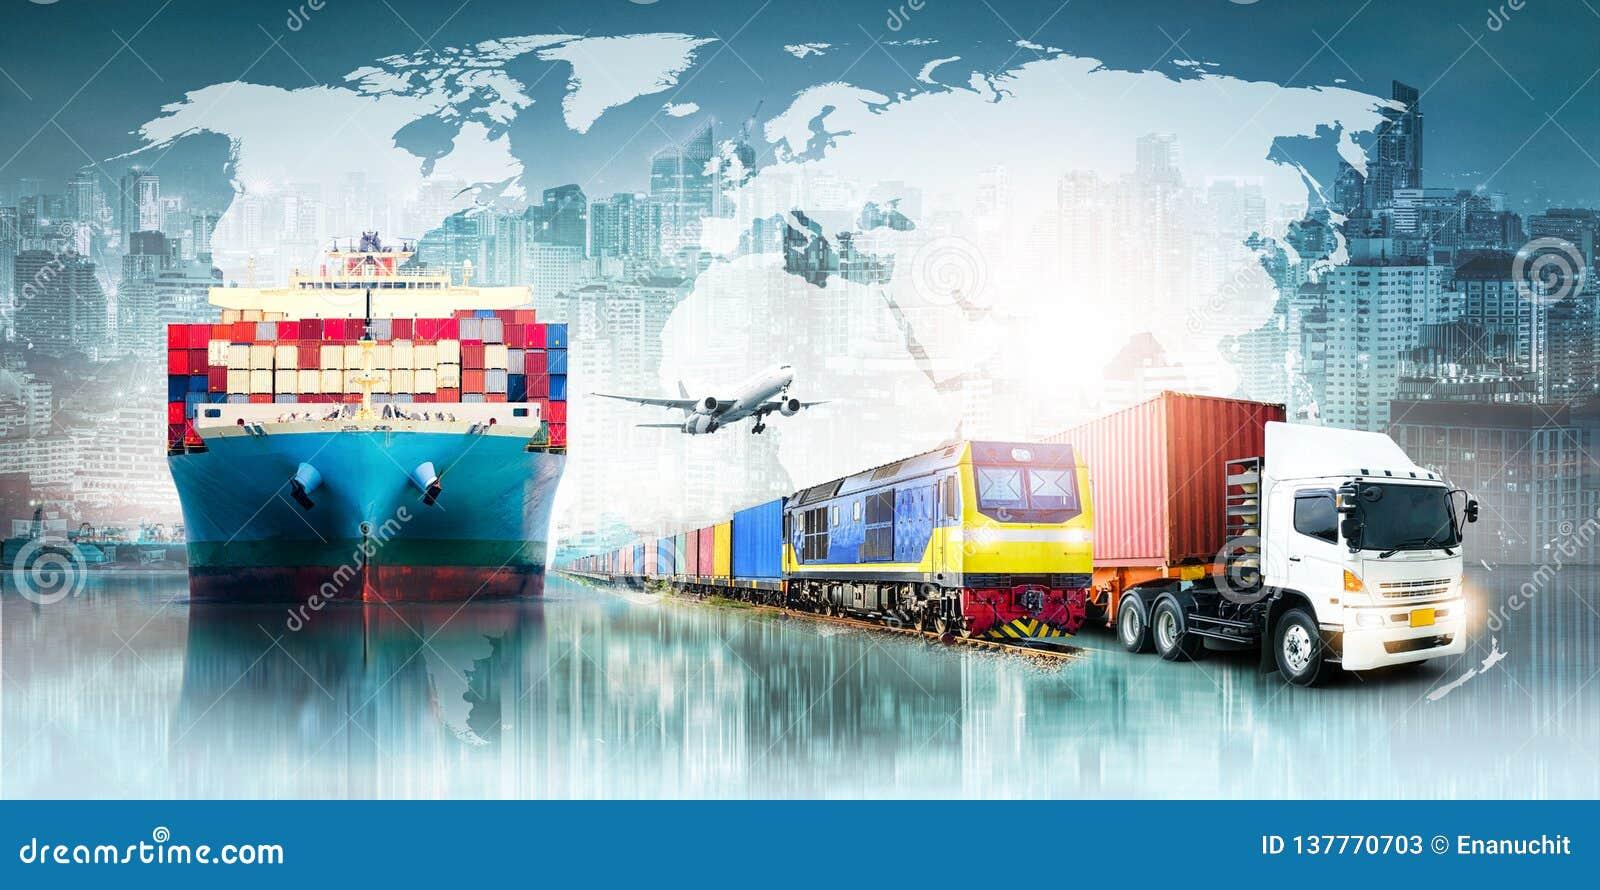 Предпосылка экспорта импорта снабжения глобального бизнеса и корабль перевозки груза контейнера